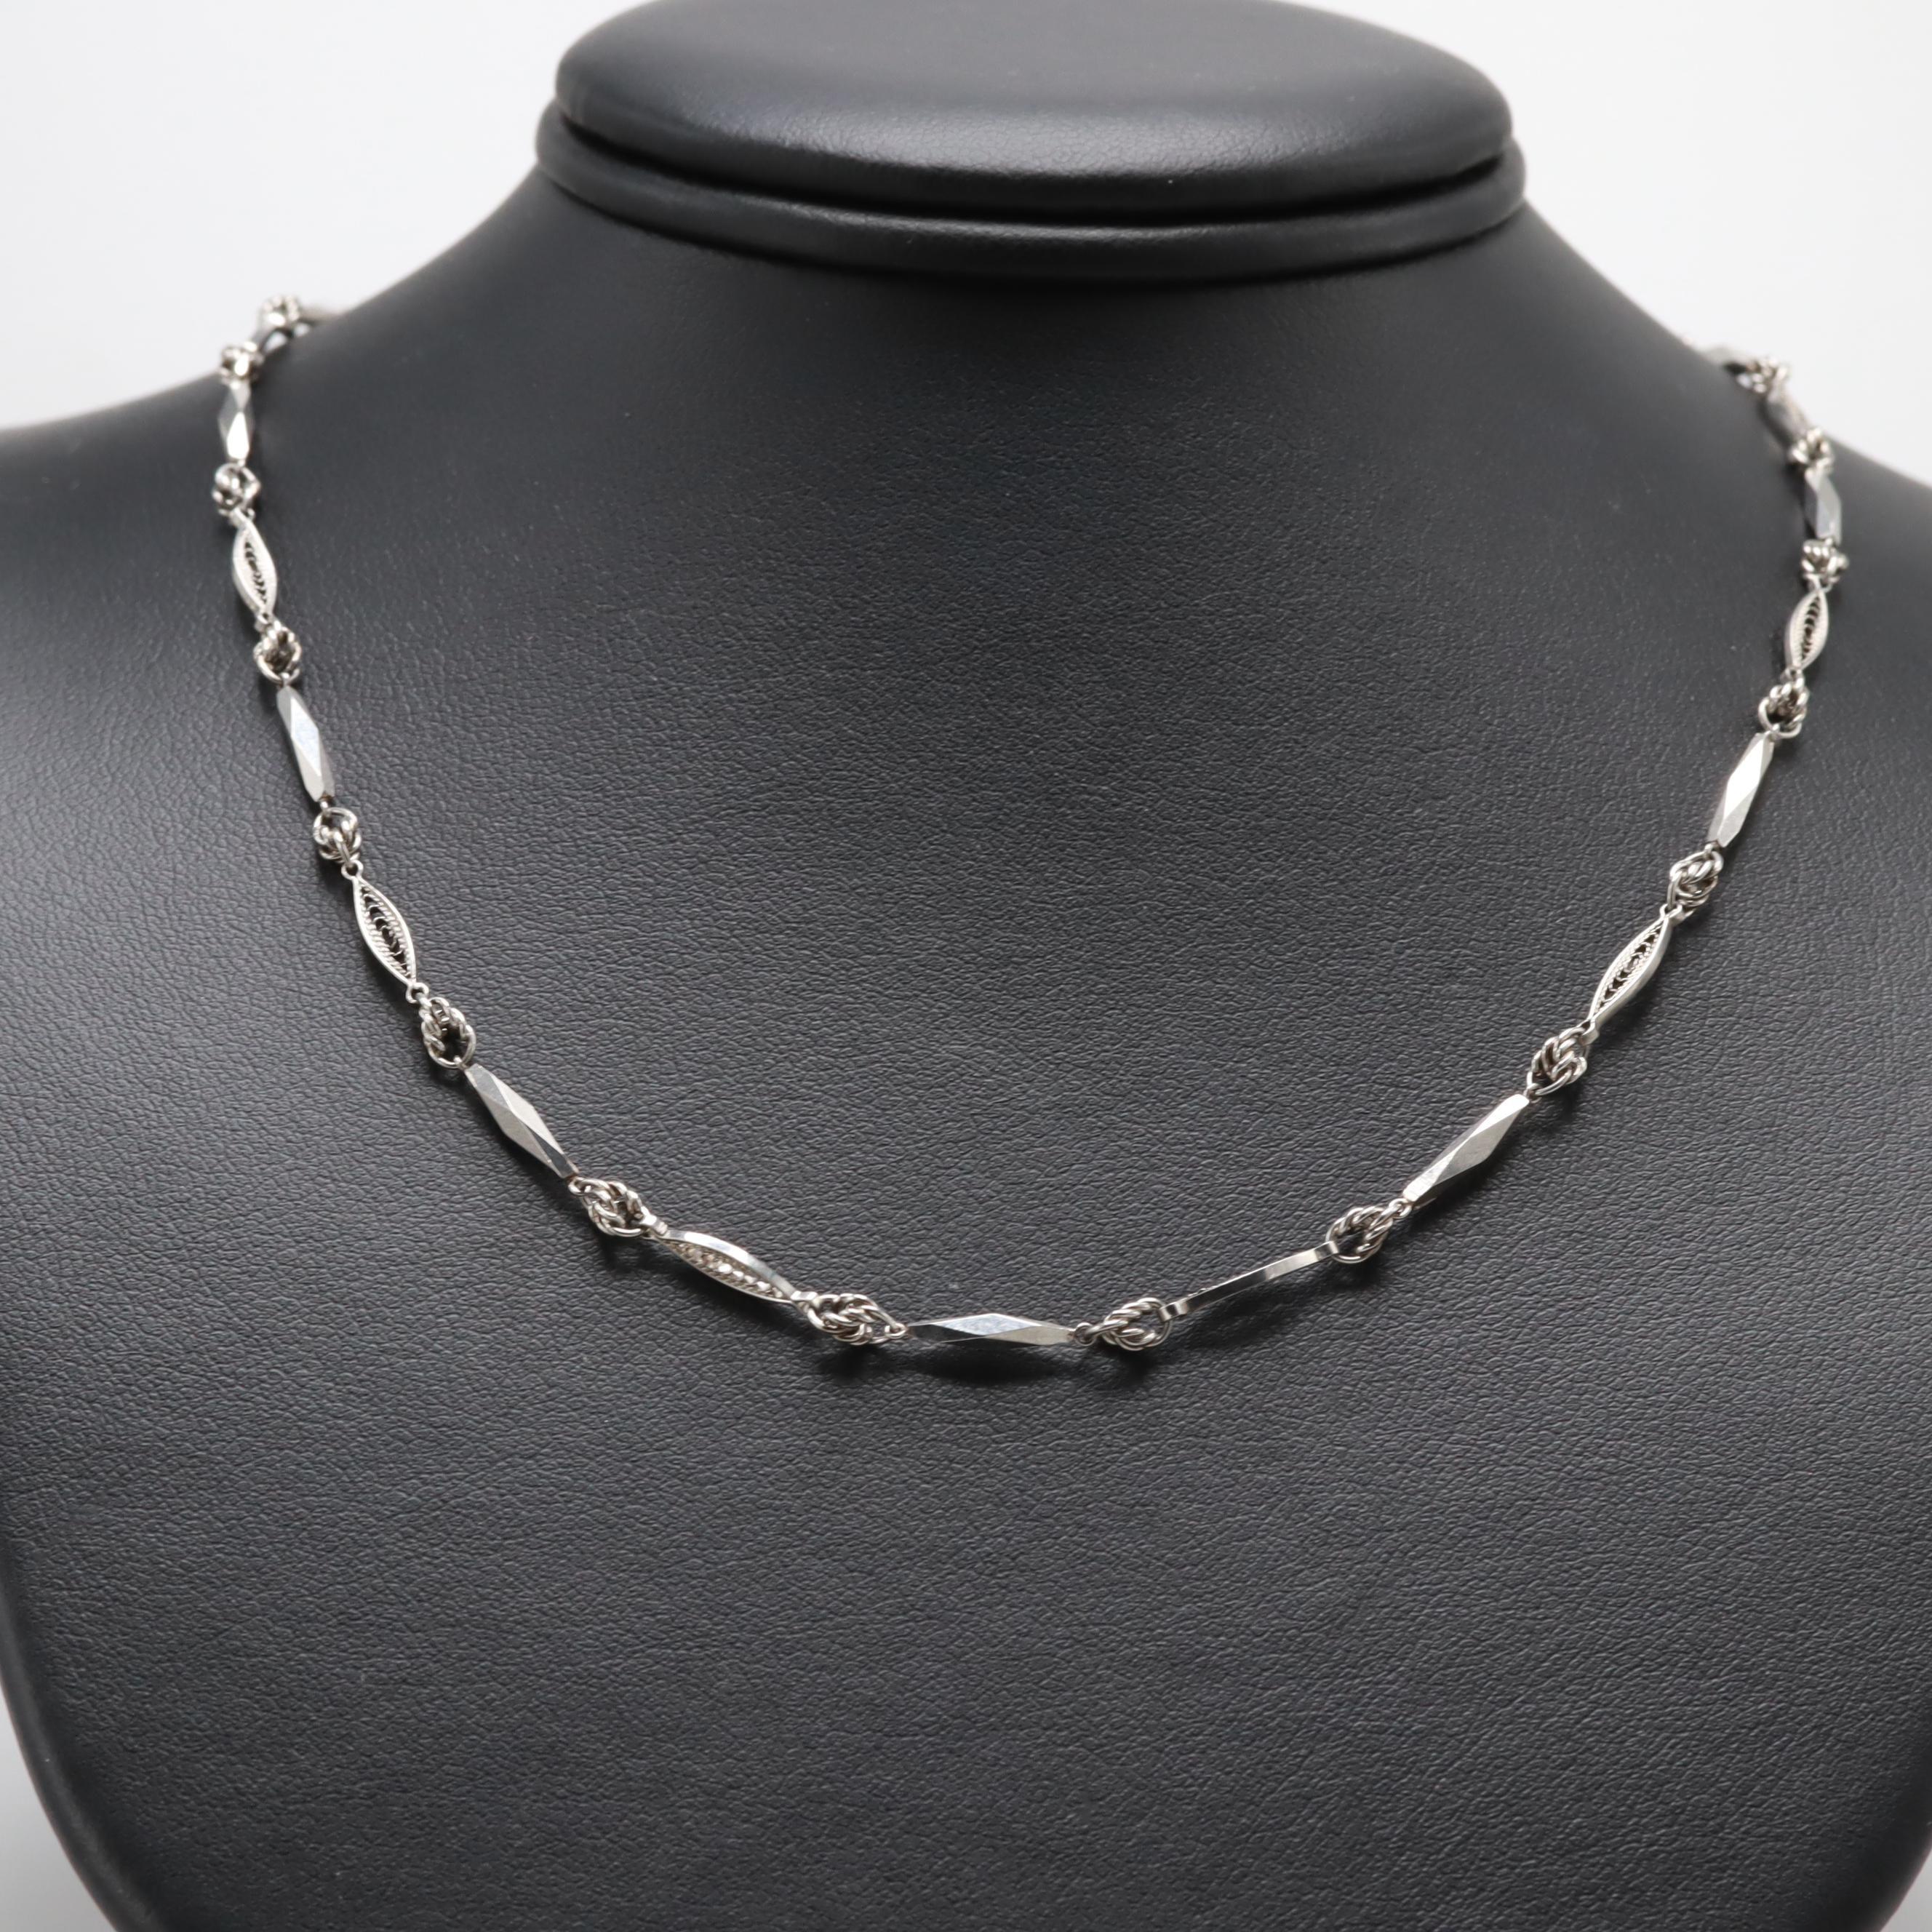 Platinum Fancy Chain Link Necklace